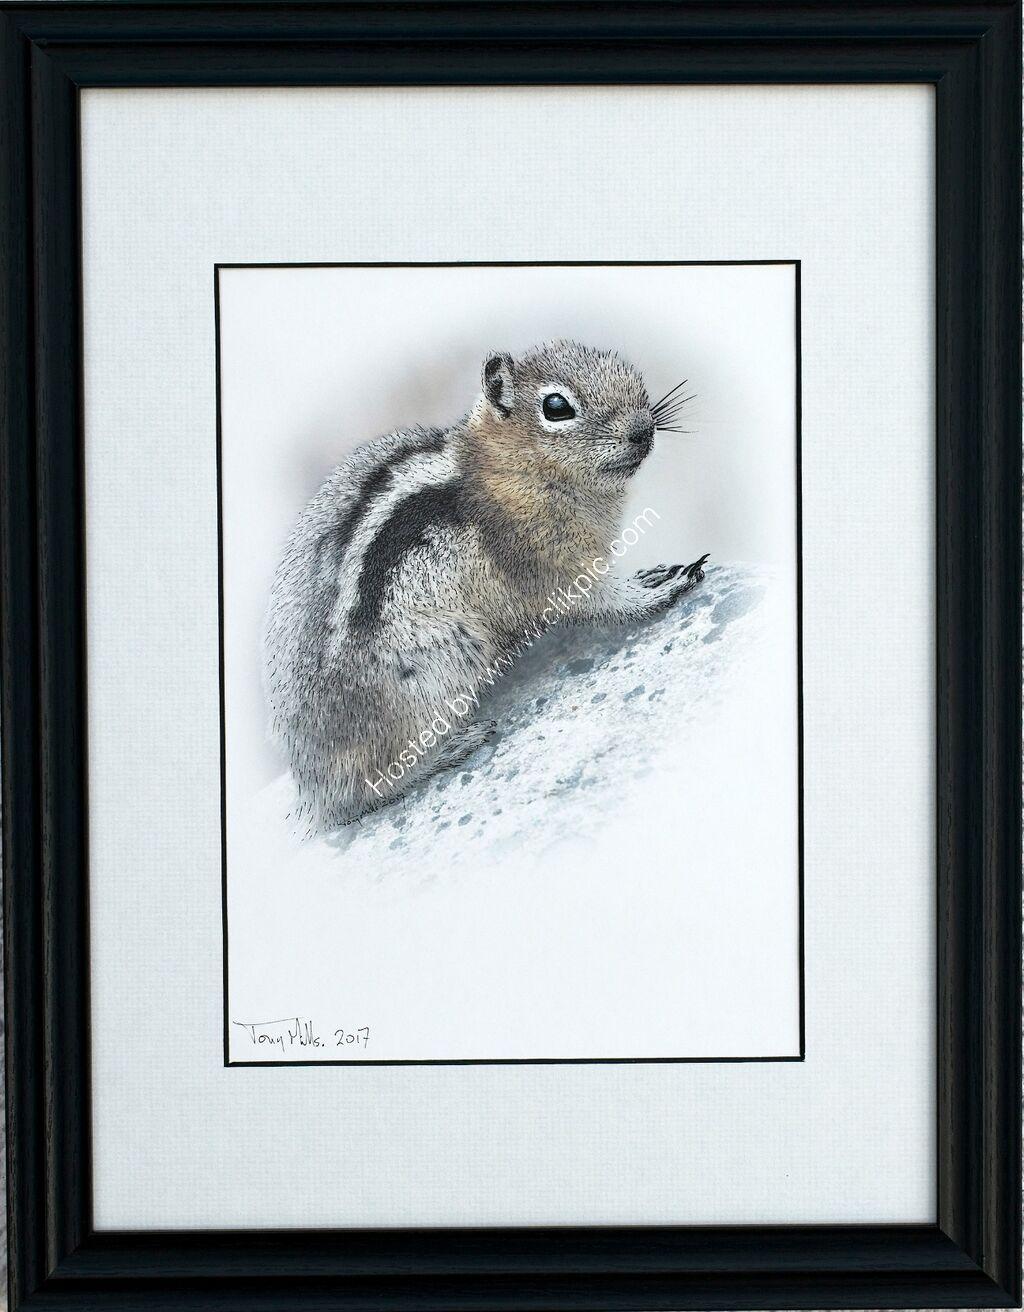 Golden-mantled Ground Squirrel #1